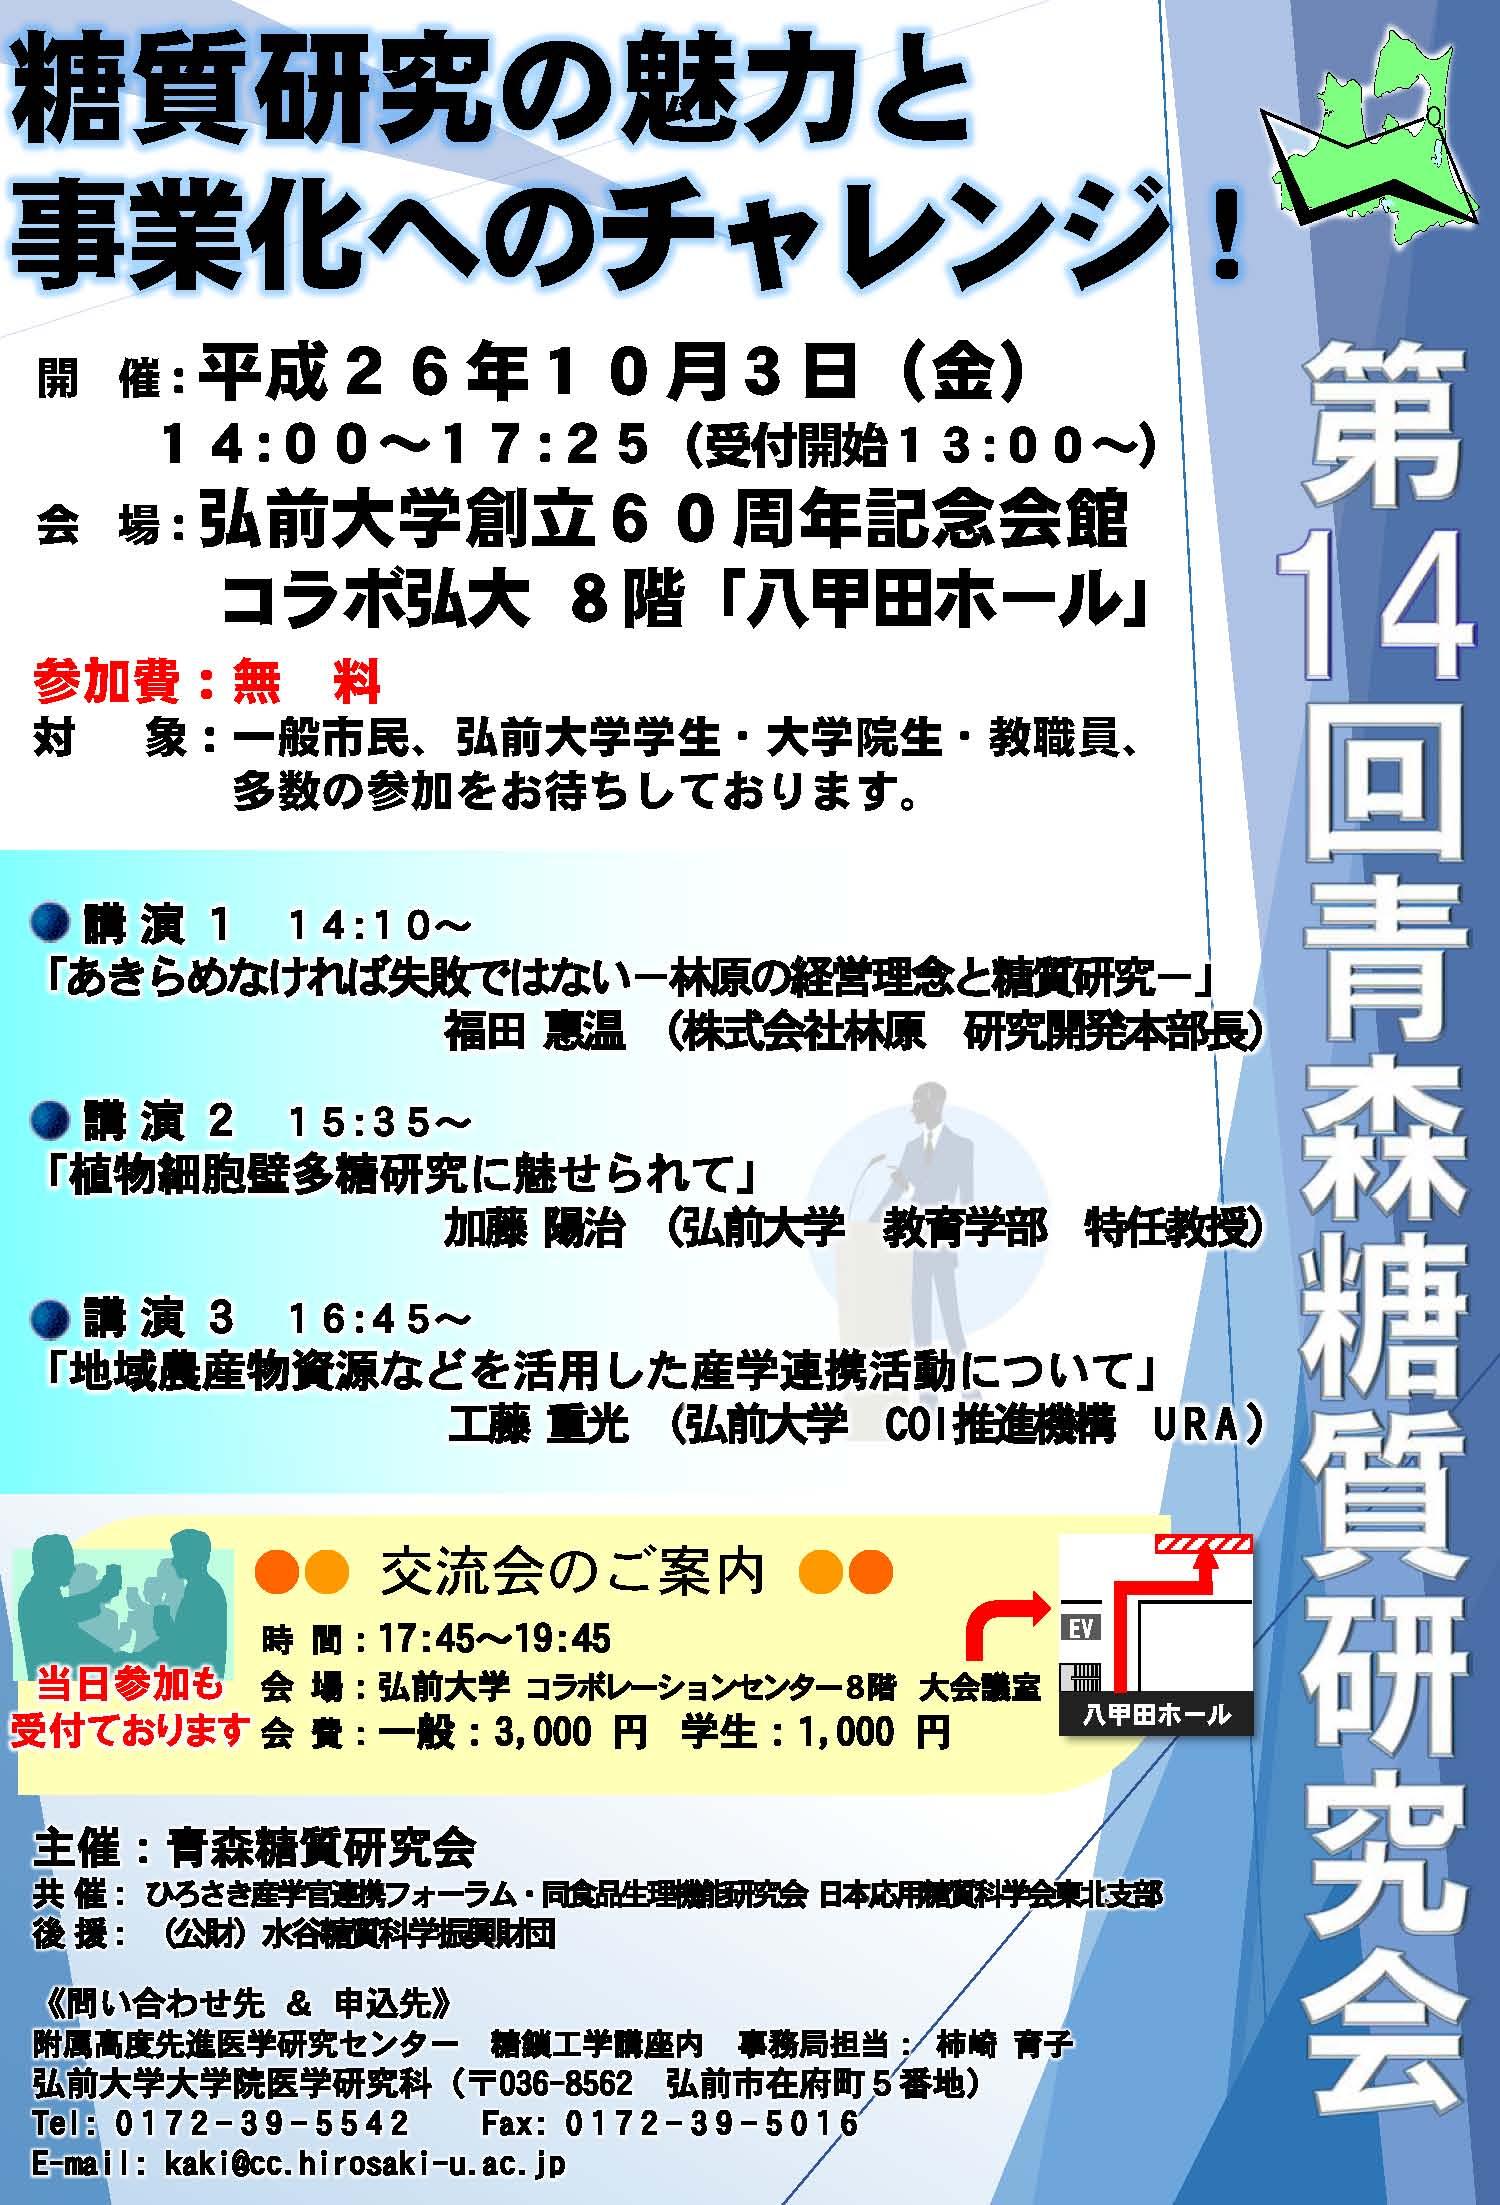 第14回青森糖質研究会ポスター